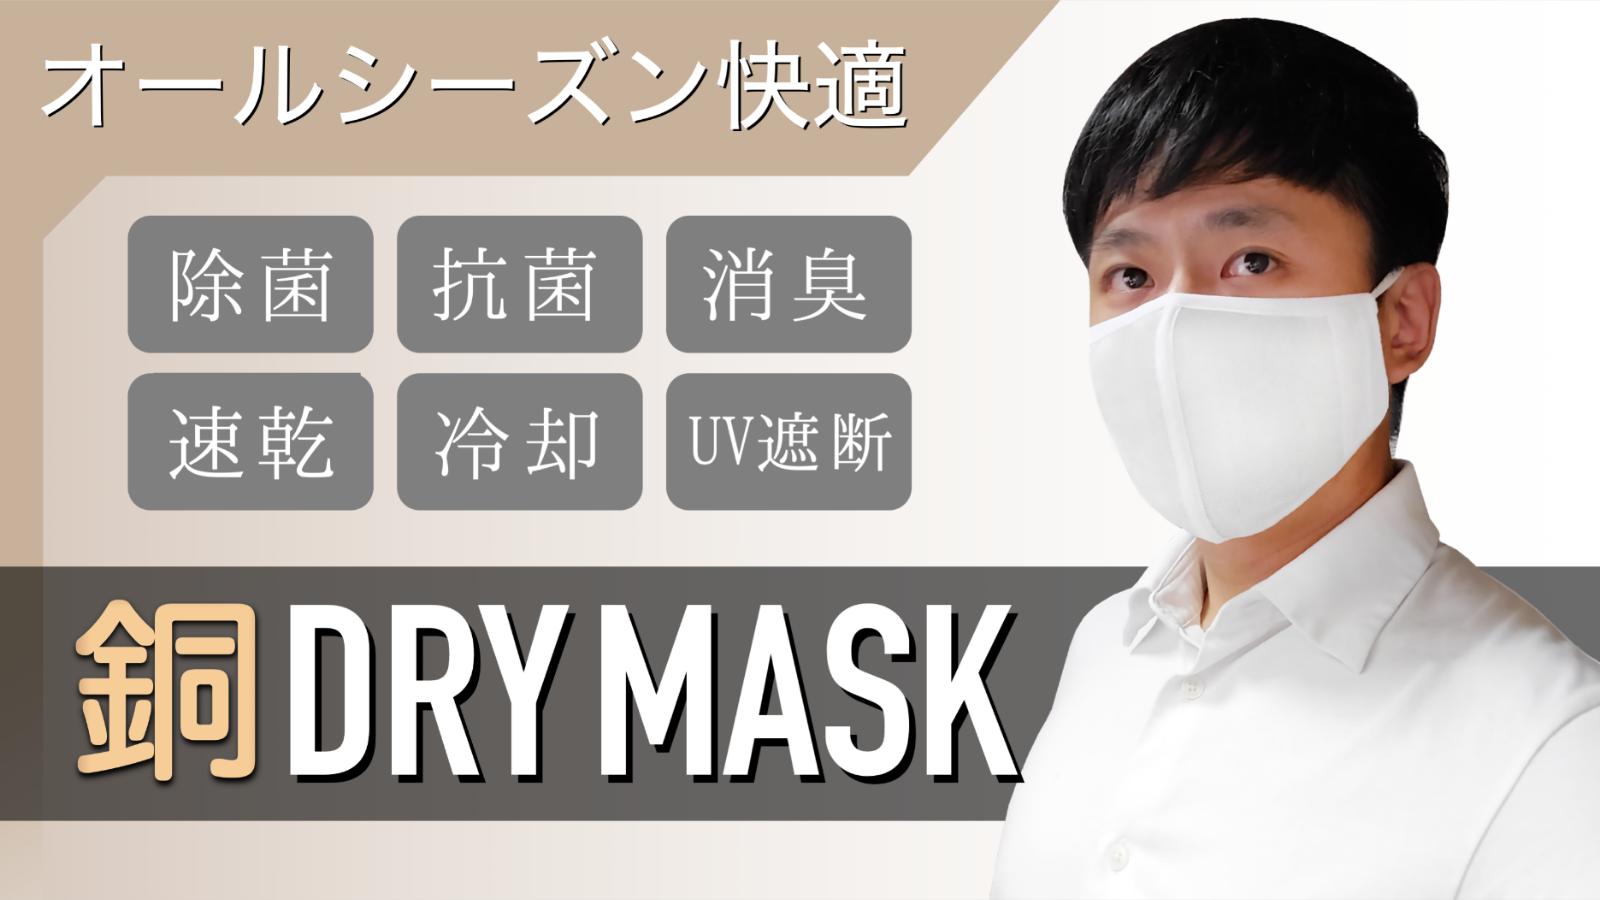 不織布 マスク コーナー 三角